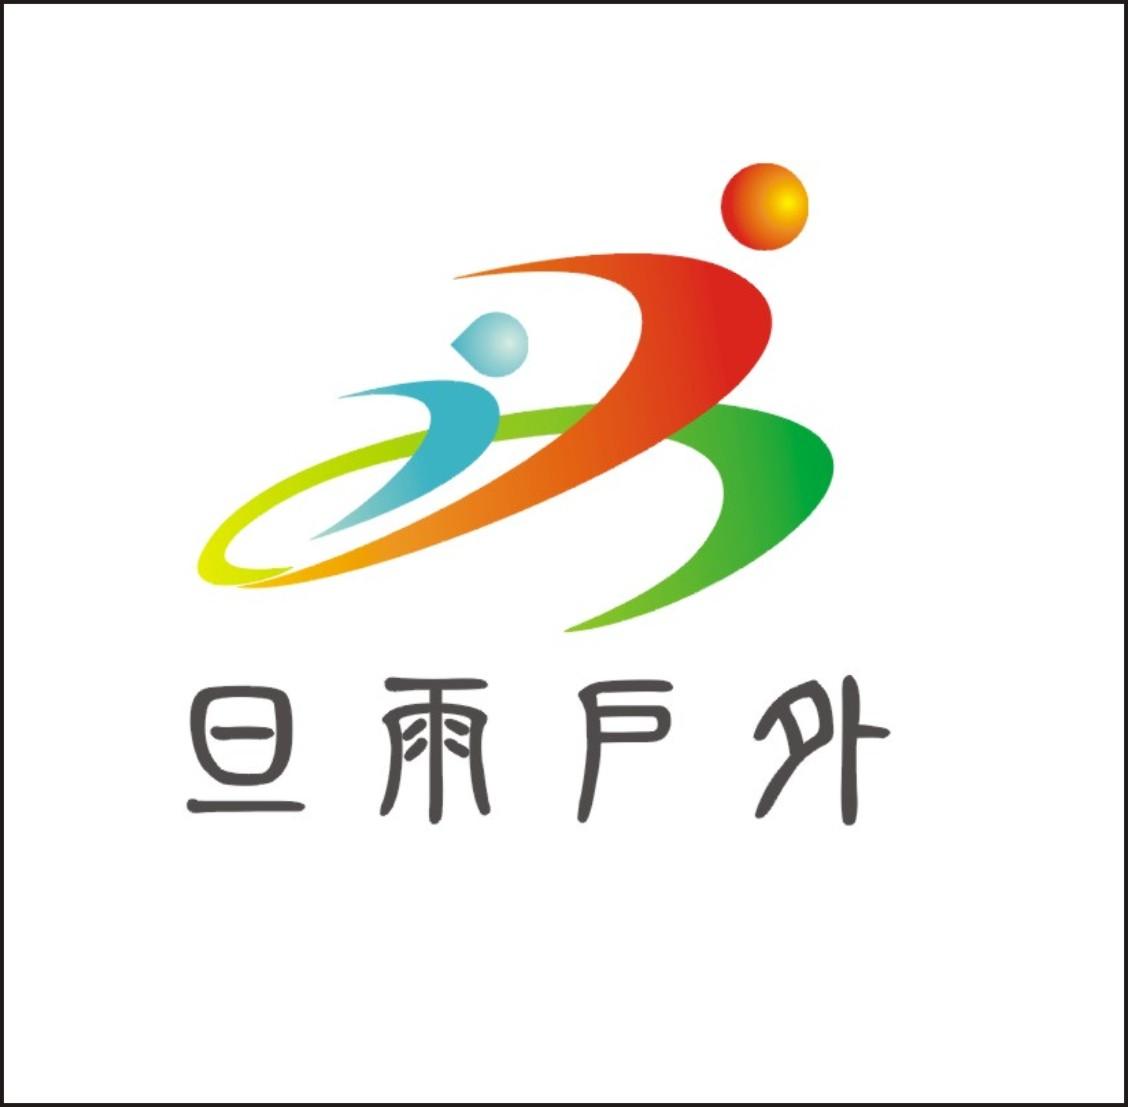 励志小人矢量图标素材_奔跑logo-励志奔跑的logo|组logo|奔跑的小人logo说明|奔跑logo图片|剑logo